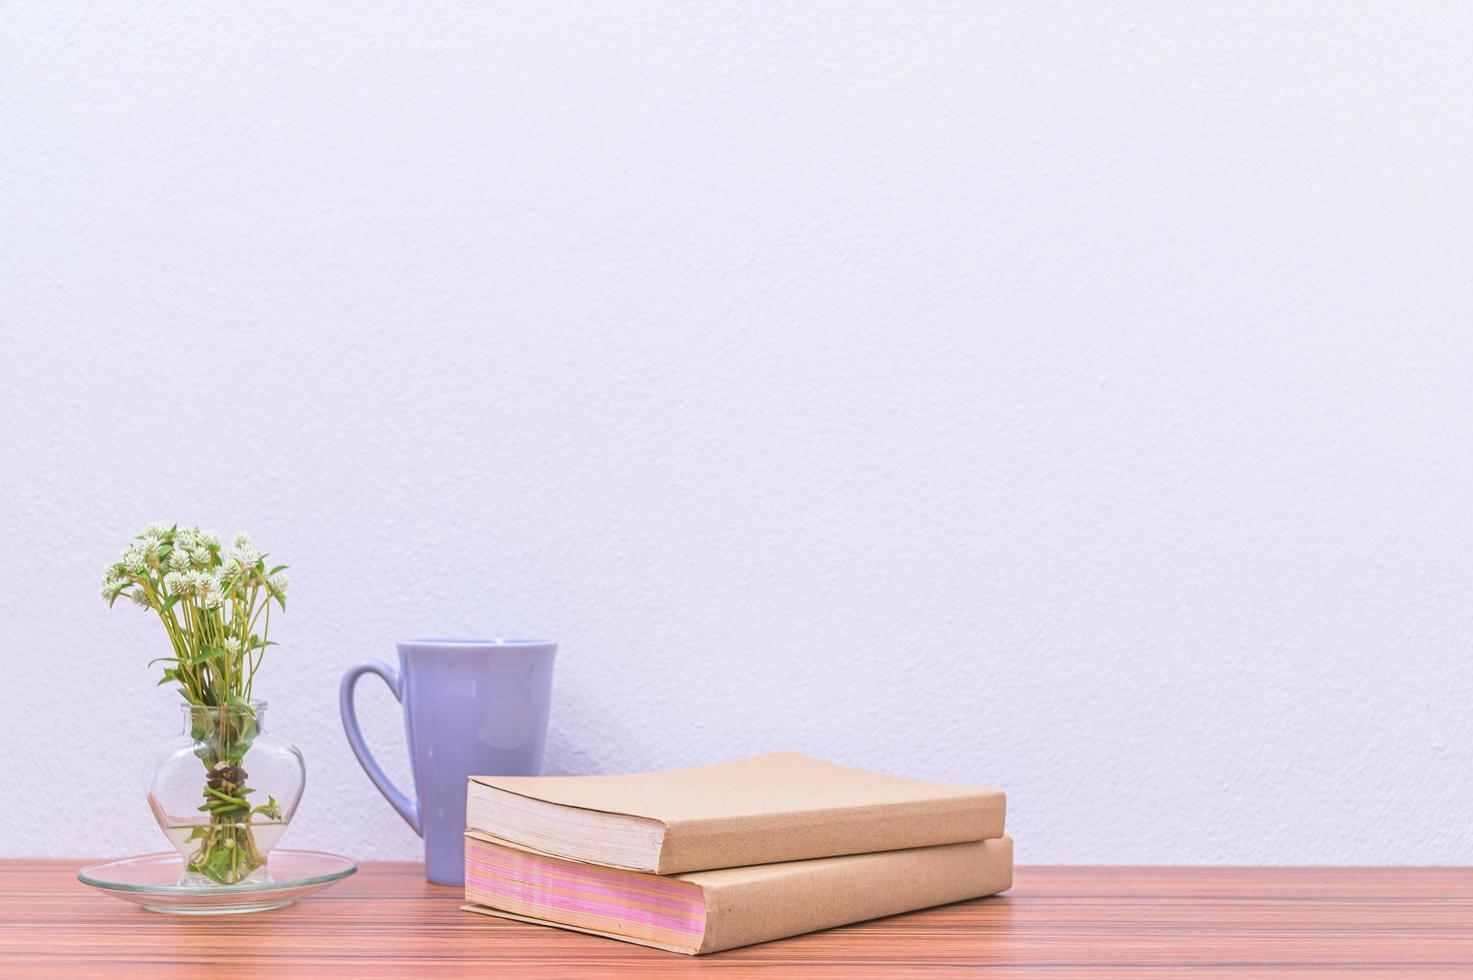 livres et fleur sur le bureau photo